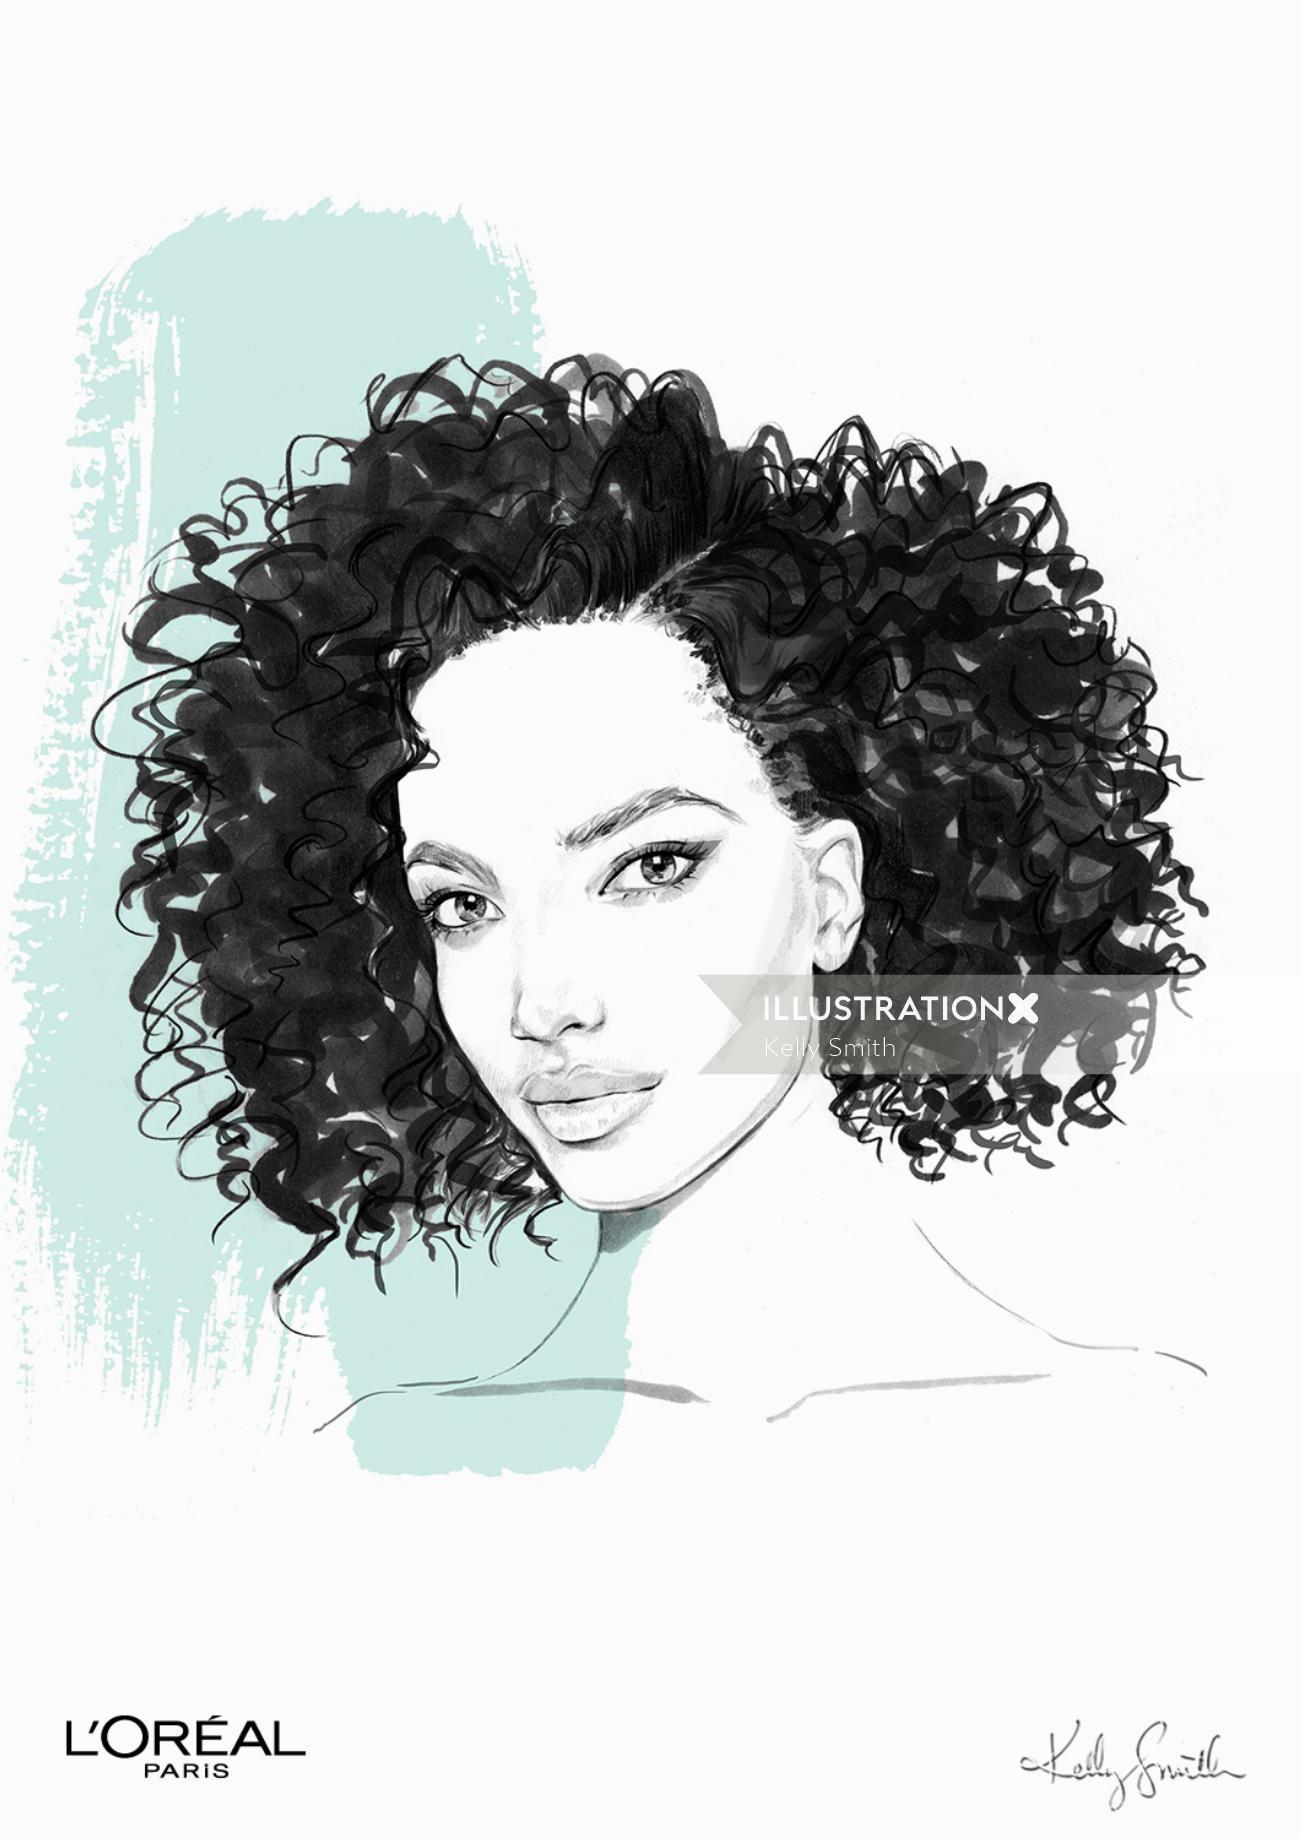 Illustration for L'Oréal Paris